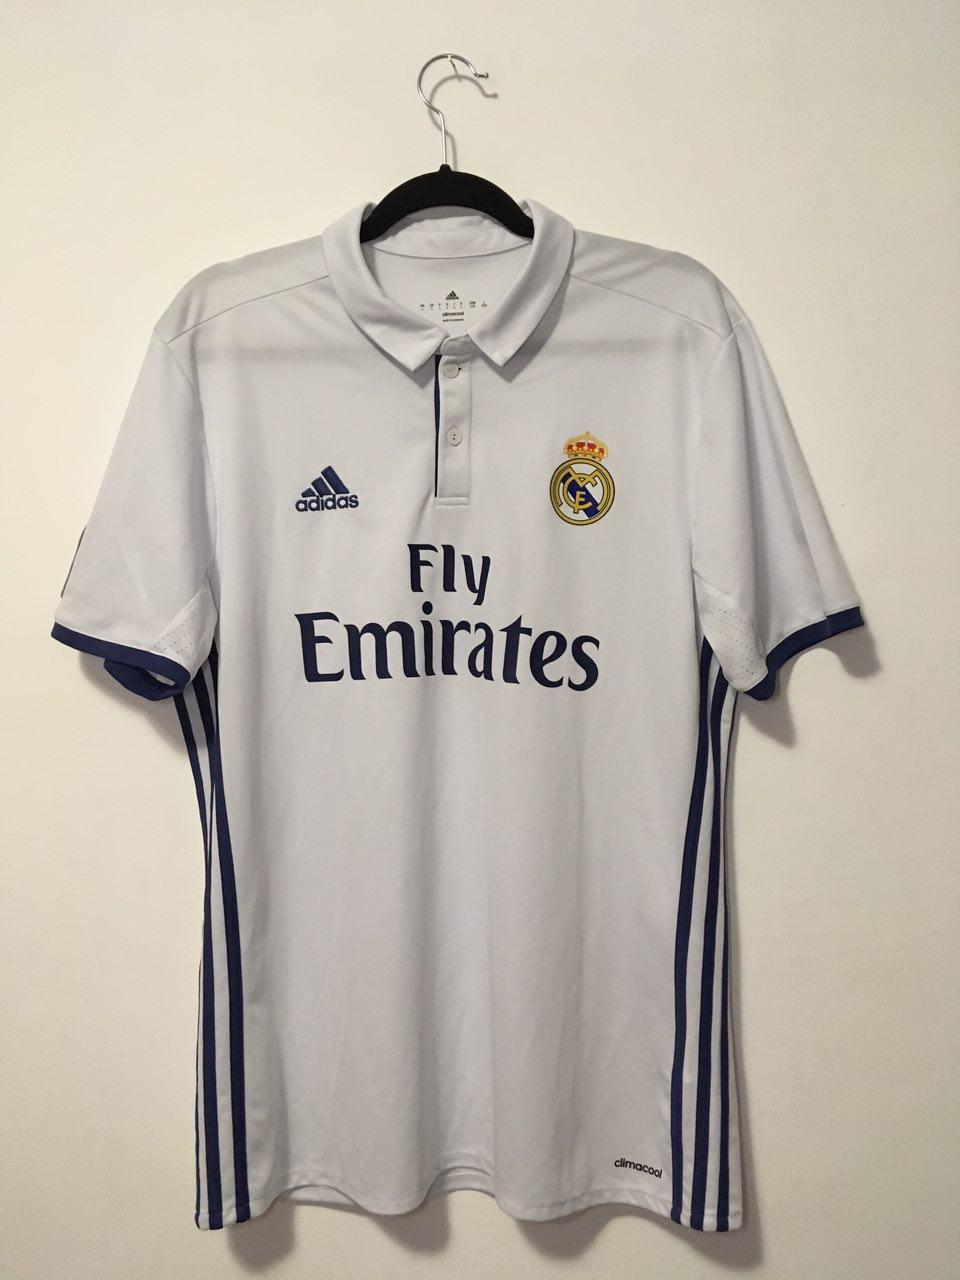 new product d66e4 4207c Real Madrid Home maglia di calcio 2016 - 2017. Sponsored by ...